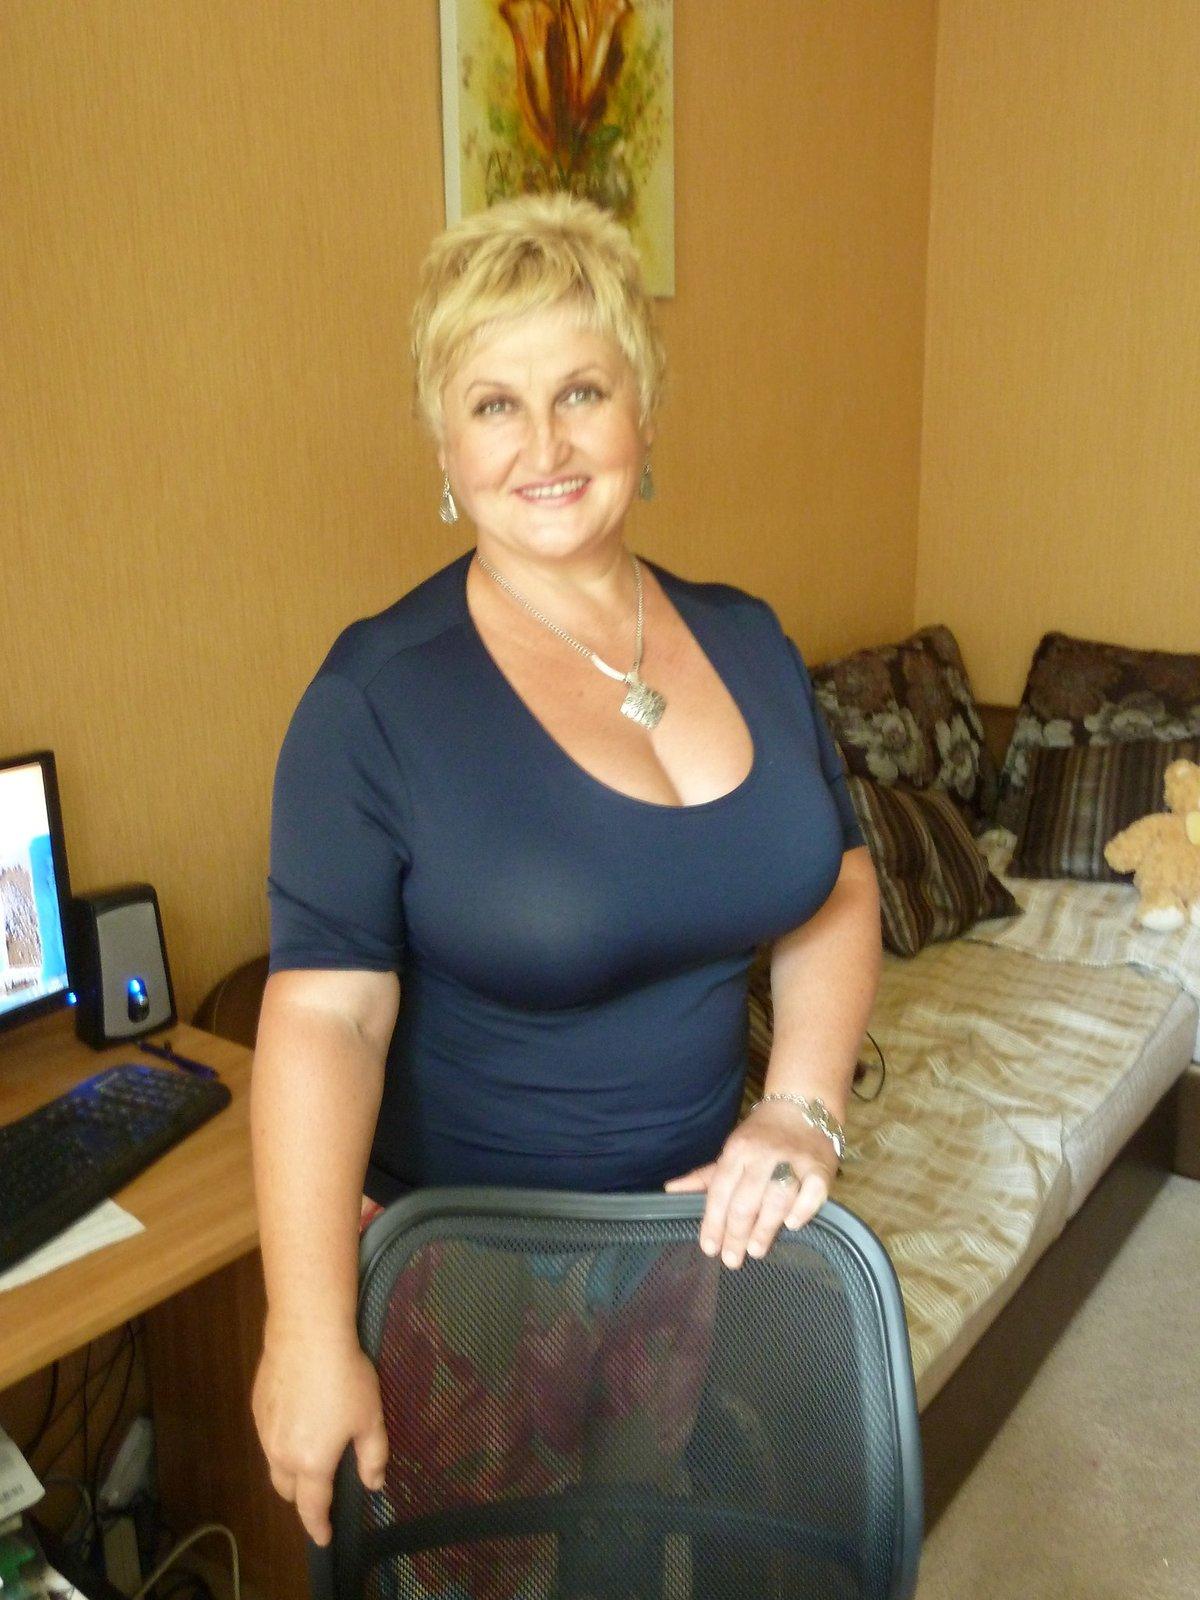 учителя услуги зрелых женщин в москве сидели